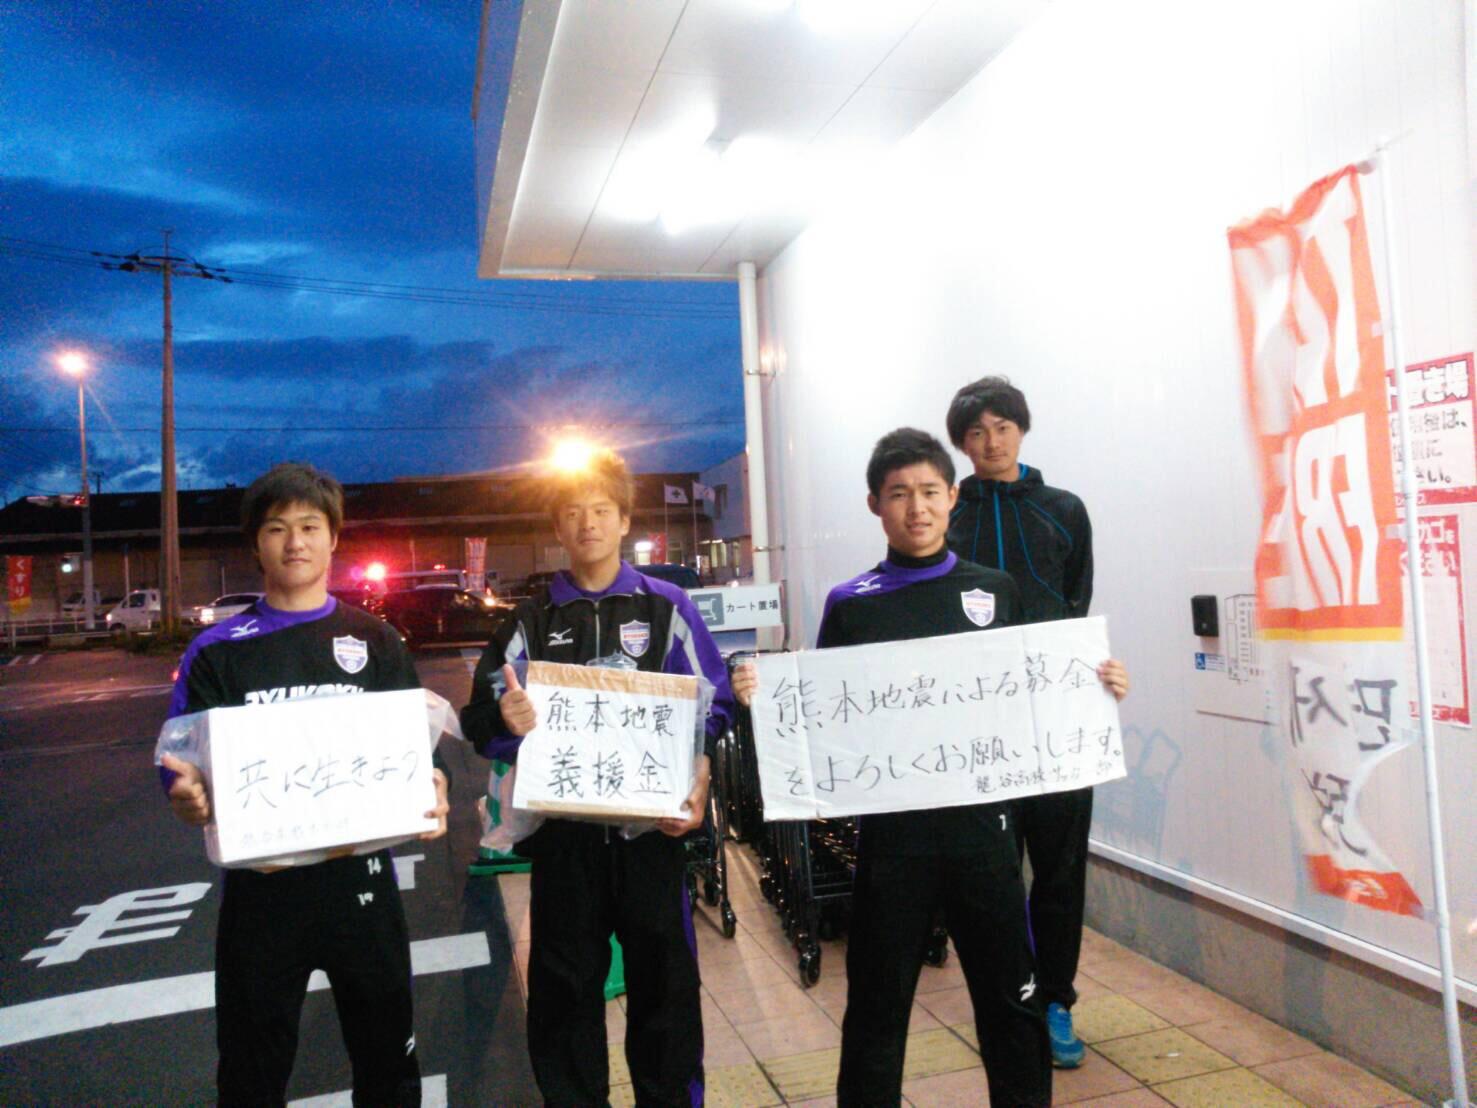 熊本震災支援活動47